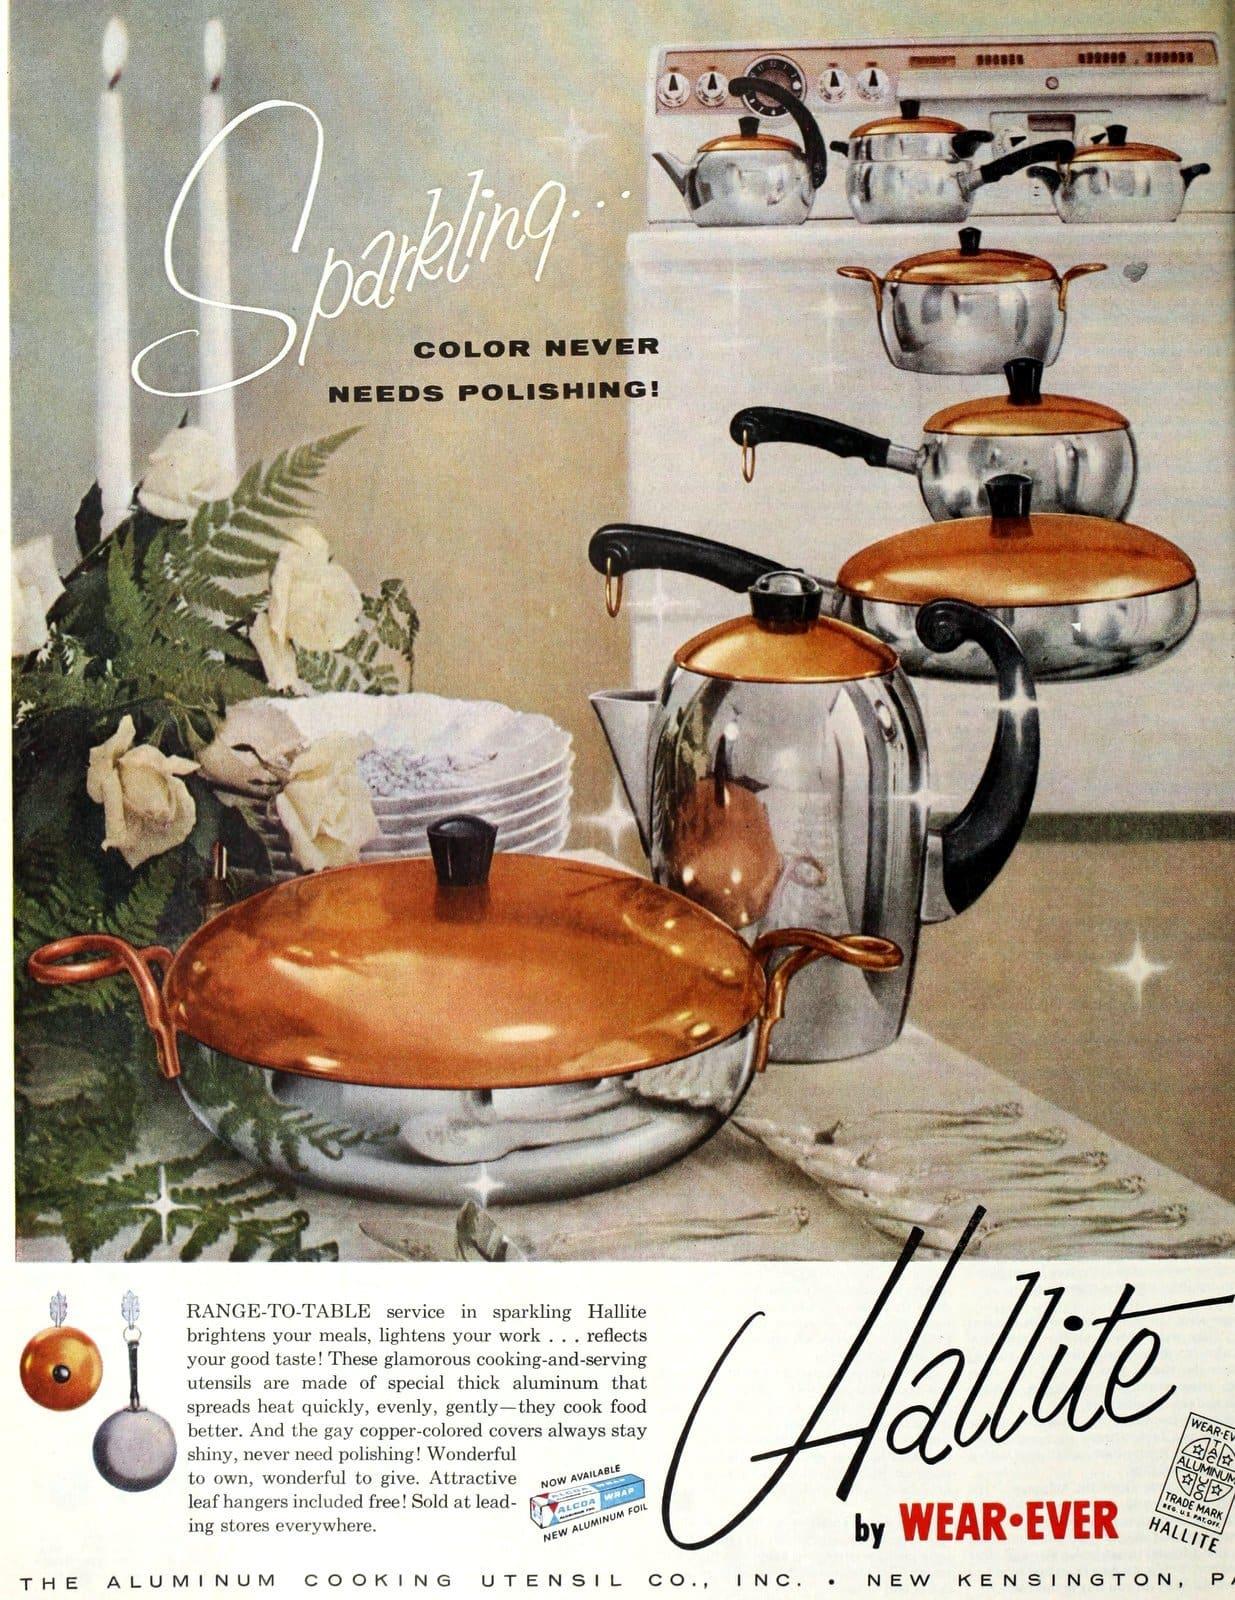 Vintage saucepans - Hallite by Wear-Ever (1957)